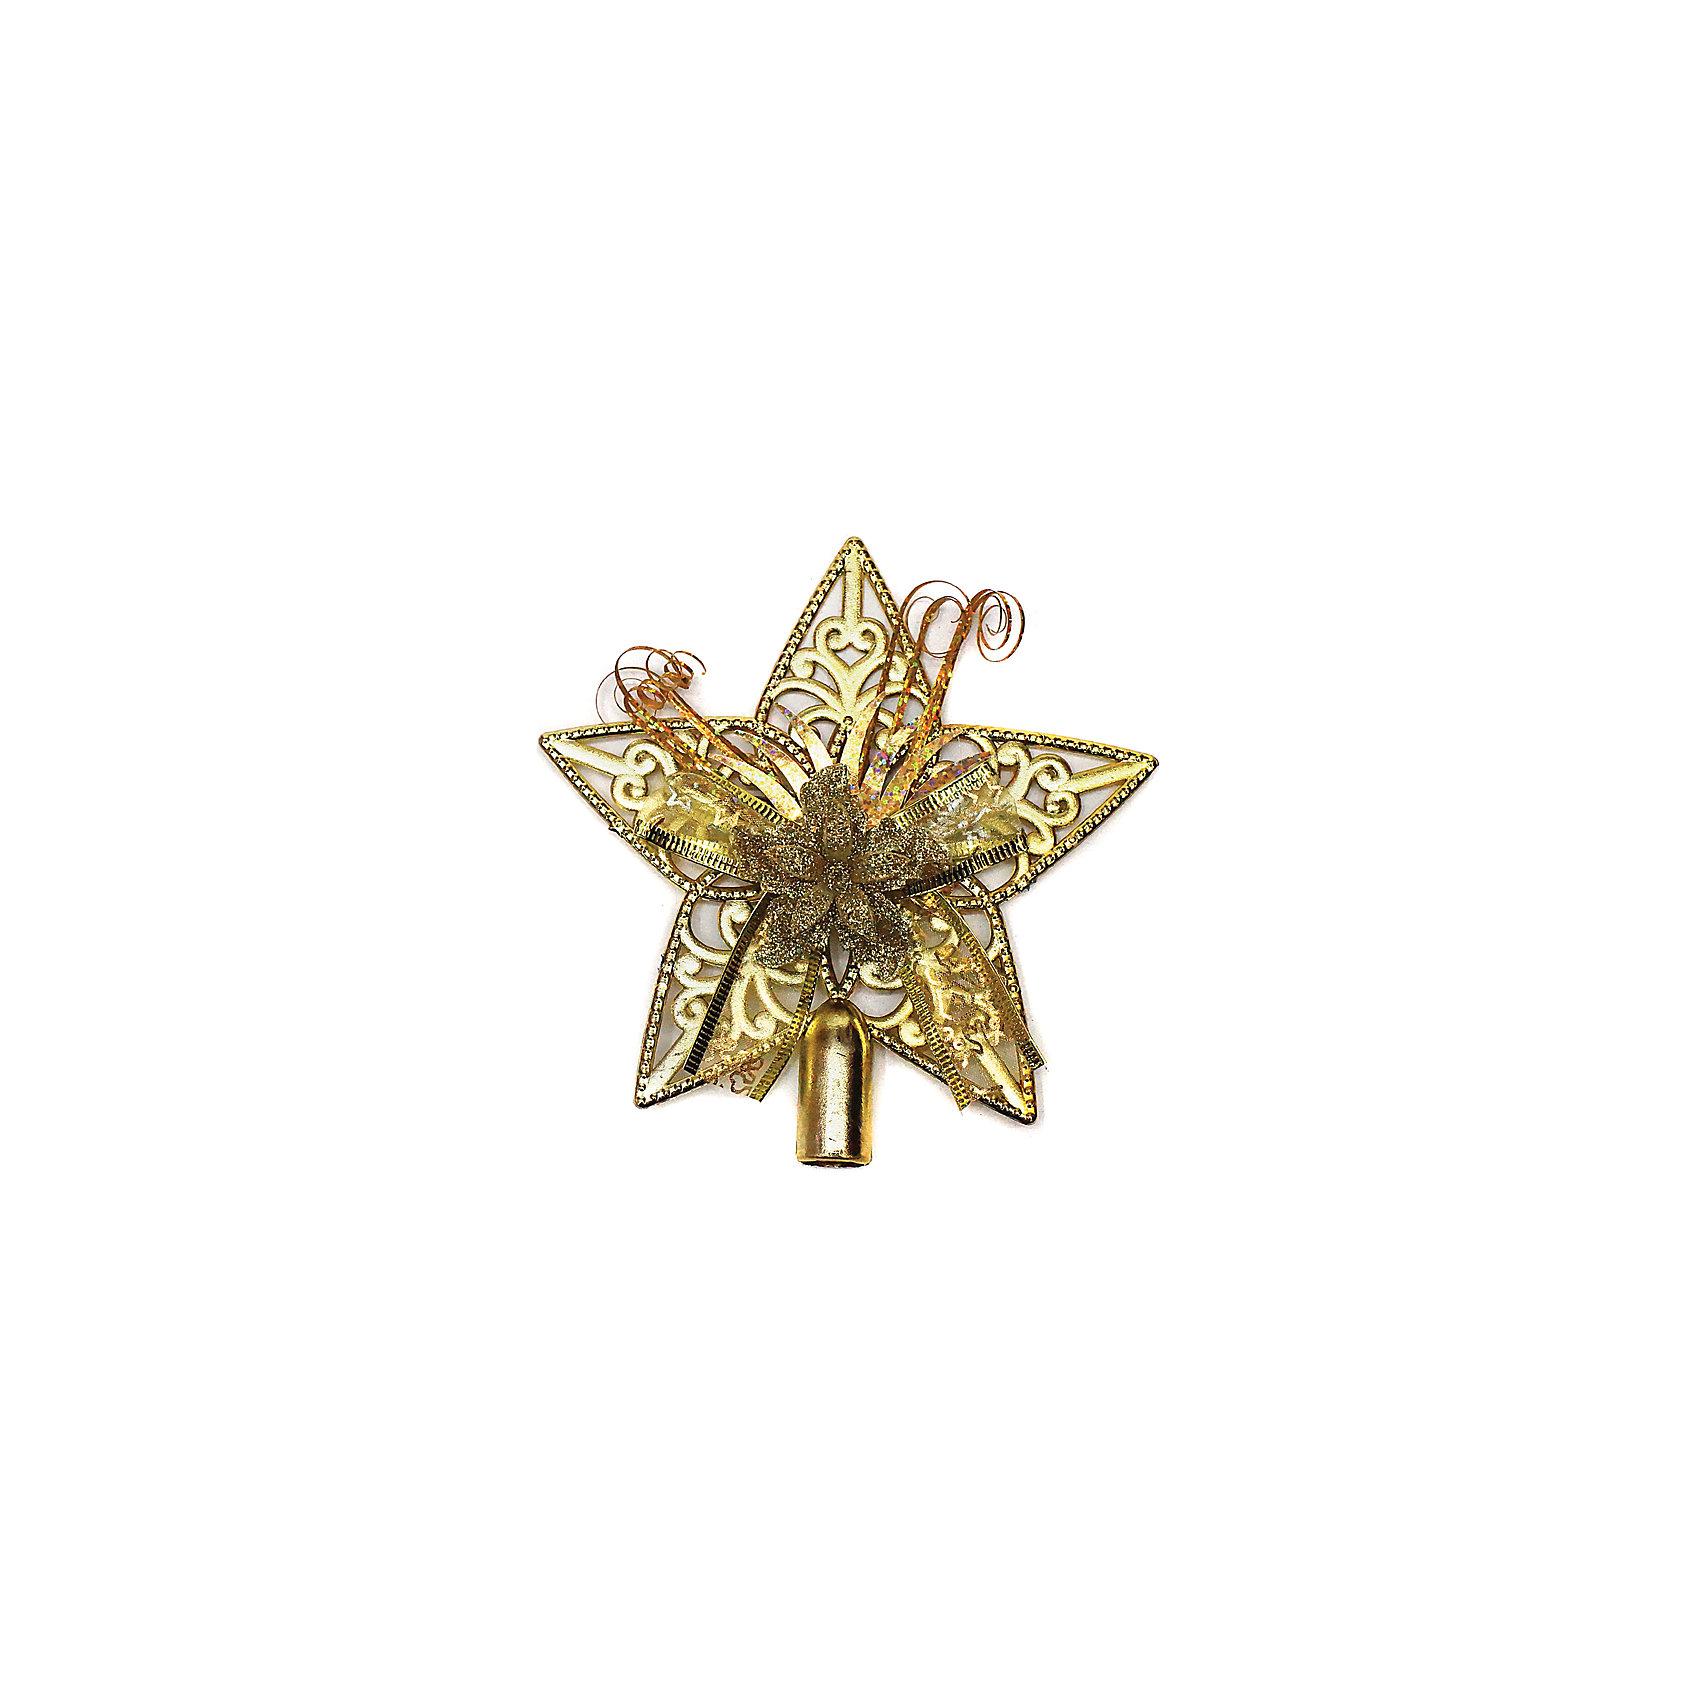 Макушка на елку 15 см, золотоДекоративное елочное украшение из пластмассы. Классический наконечник в виде звезды с декоративными текстильными элементами, надевается на макушку елки. Высота наконечника — 15 см. Придаст законченность и изысканный шарм любому елочному наряду.<br><br>Ширина мм: 150<br>Глубина мм: 190<br>Высота мм: 20<br>Вес г: 24<br>Возраст от месяцев: 36<br>Возраст до месяцев: 420<br>Пол: Унисекс<br>Возраст: Детский<br>SKU: 5078423